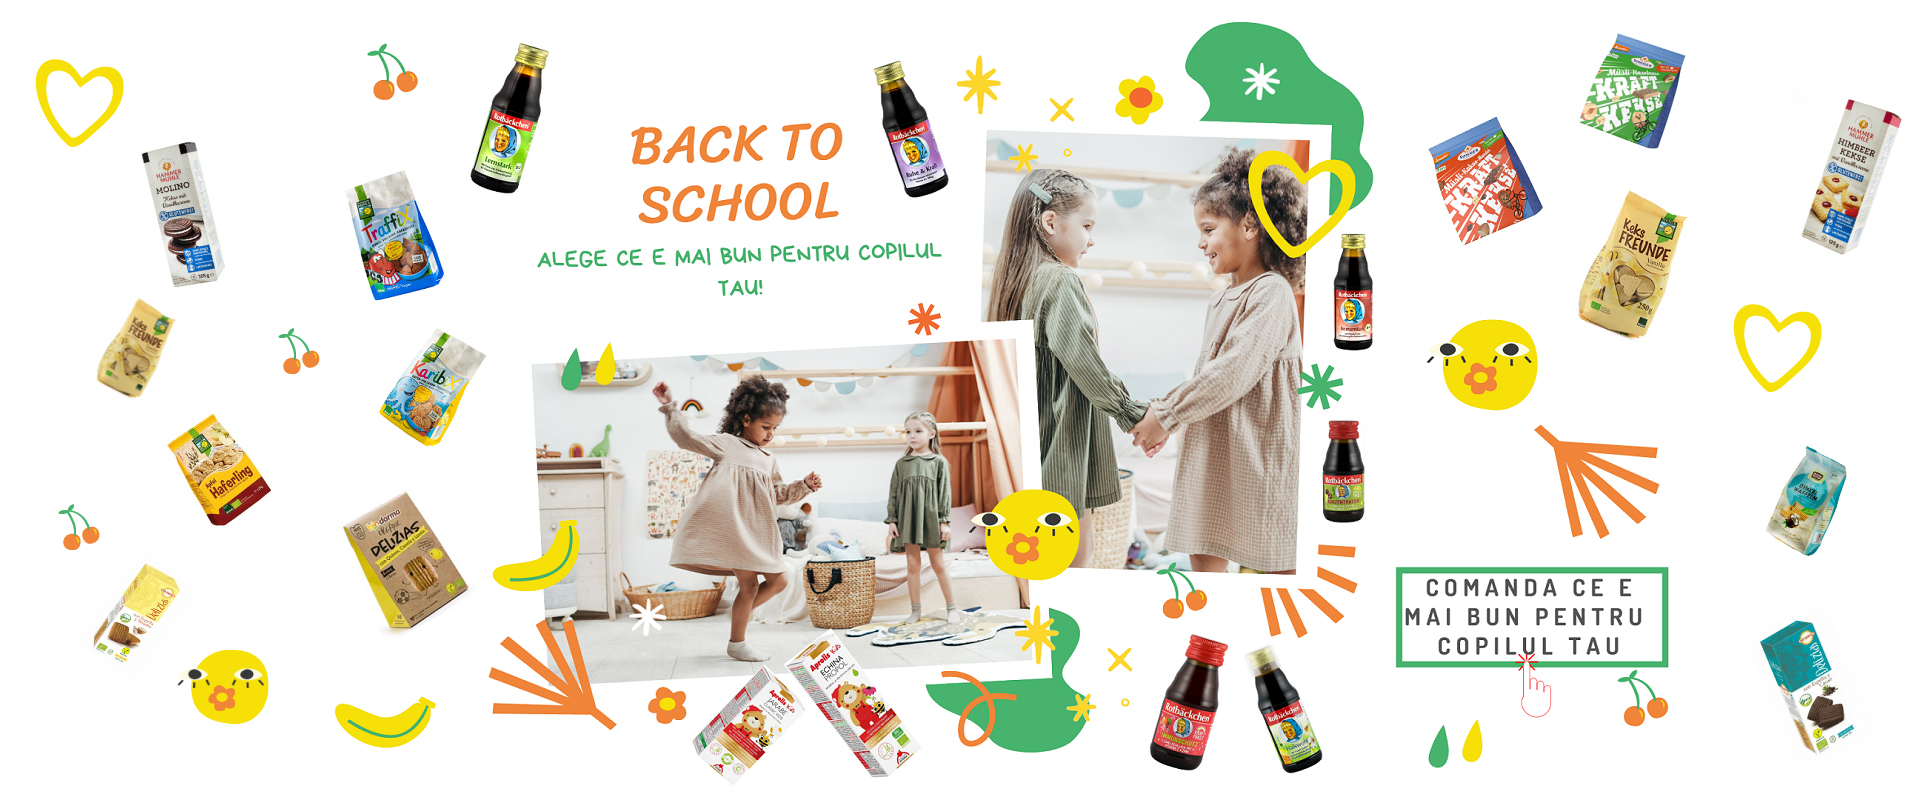 Back To School - Alege ce e mai bun pentru copilul tau!